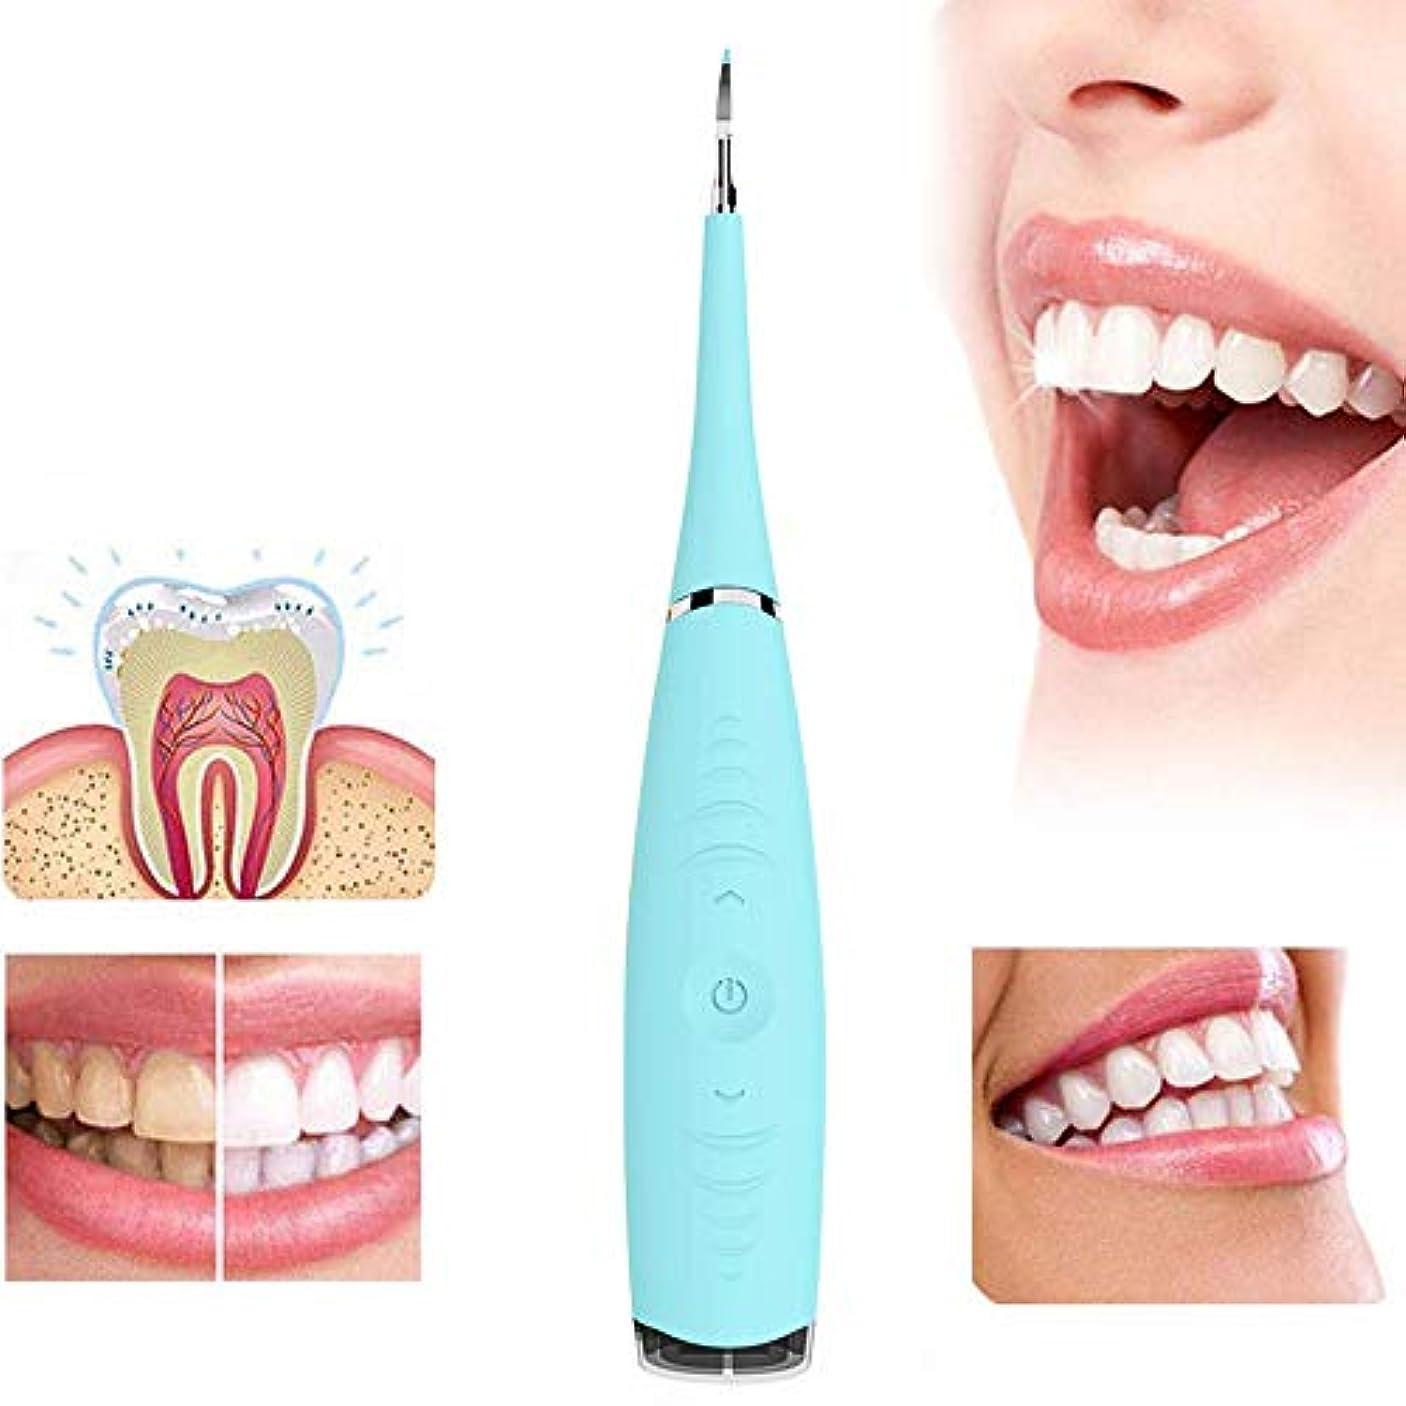 犯すデジタル取得歯をホワイトニング電動歯石除去ツール防水ステンレス鋼歯石スクレーパー歯のクリーニング消しゴム